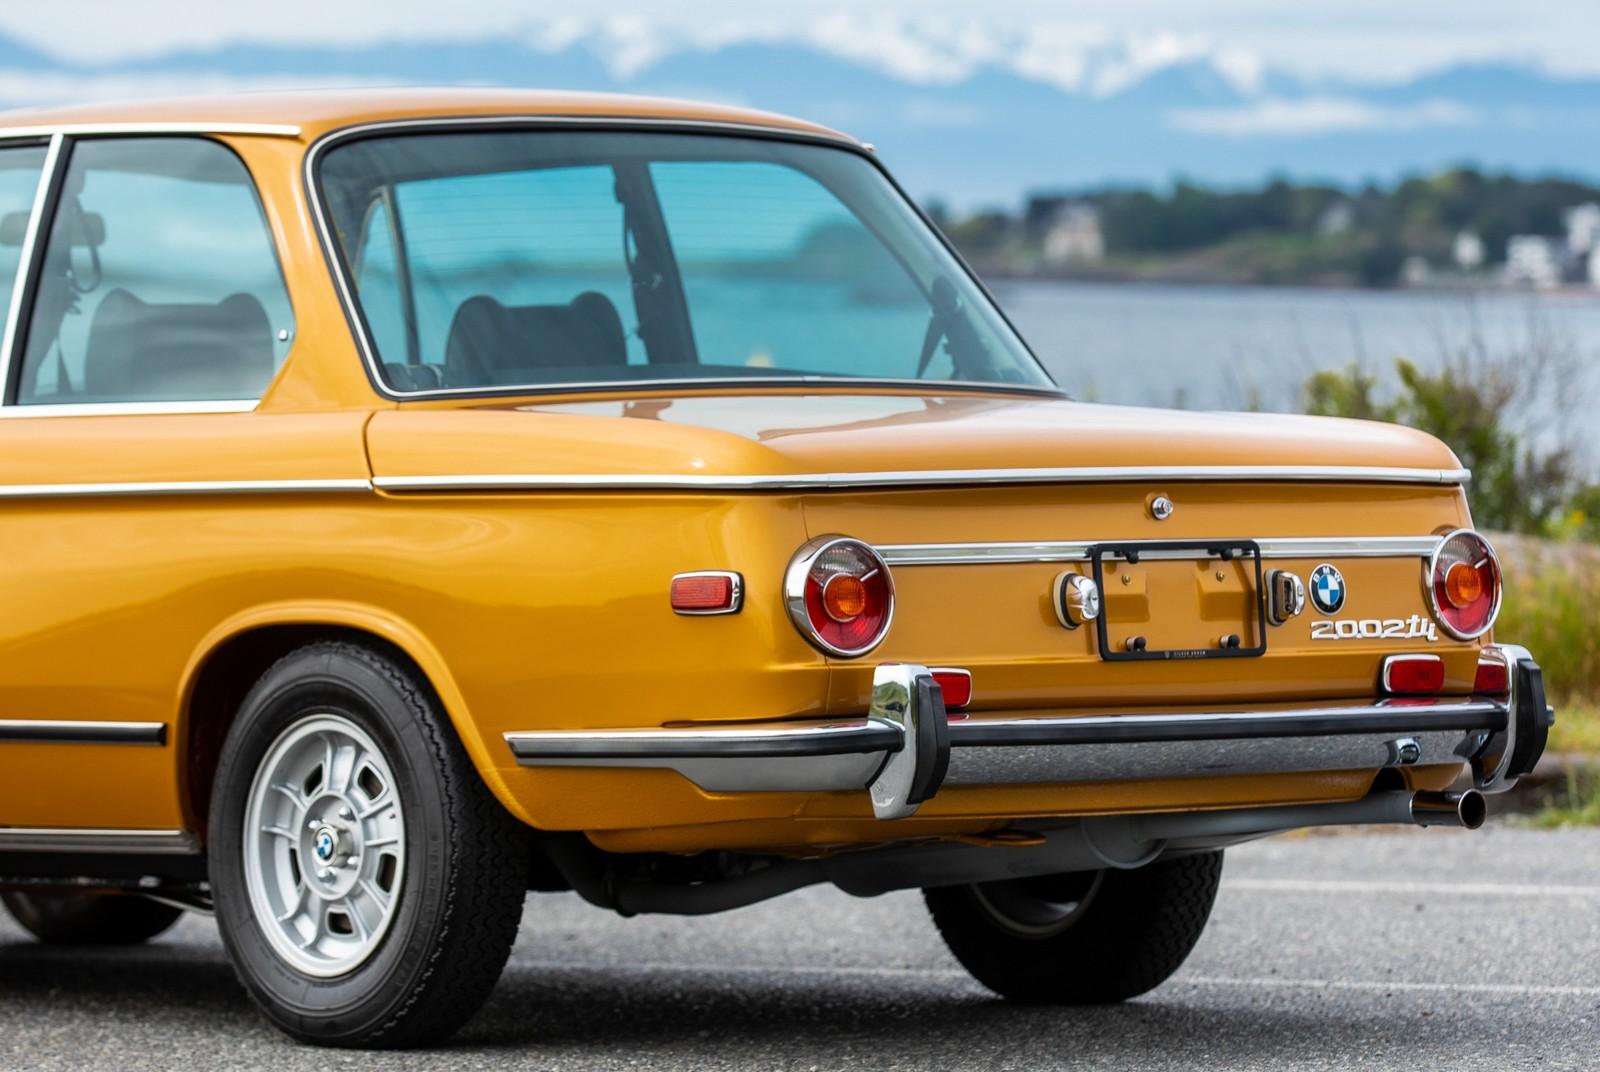 BMW 2002Tii 1973